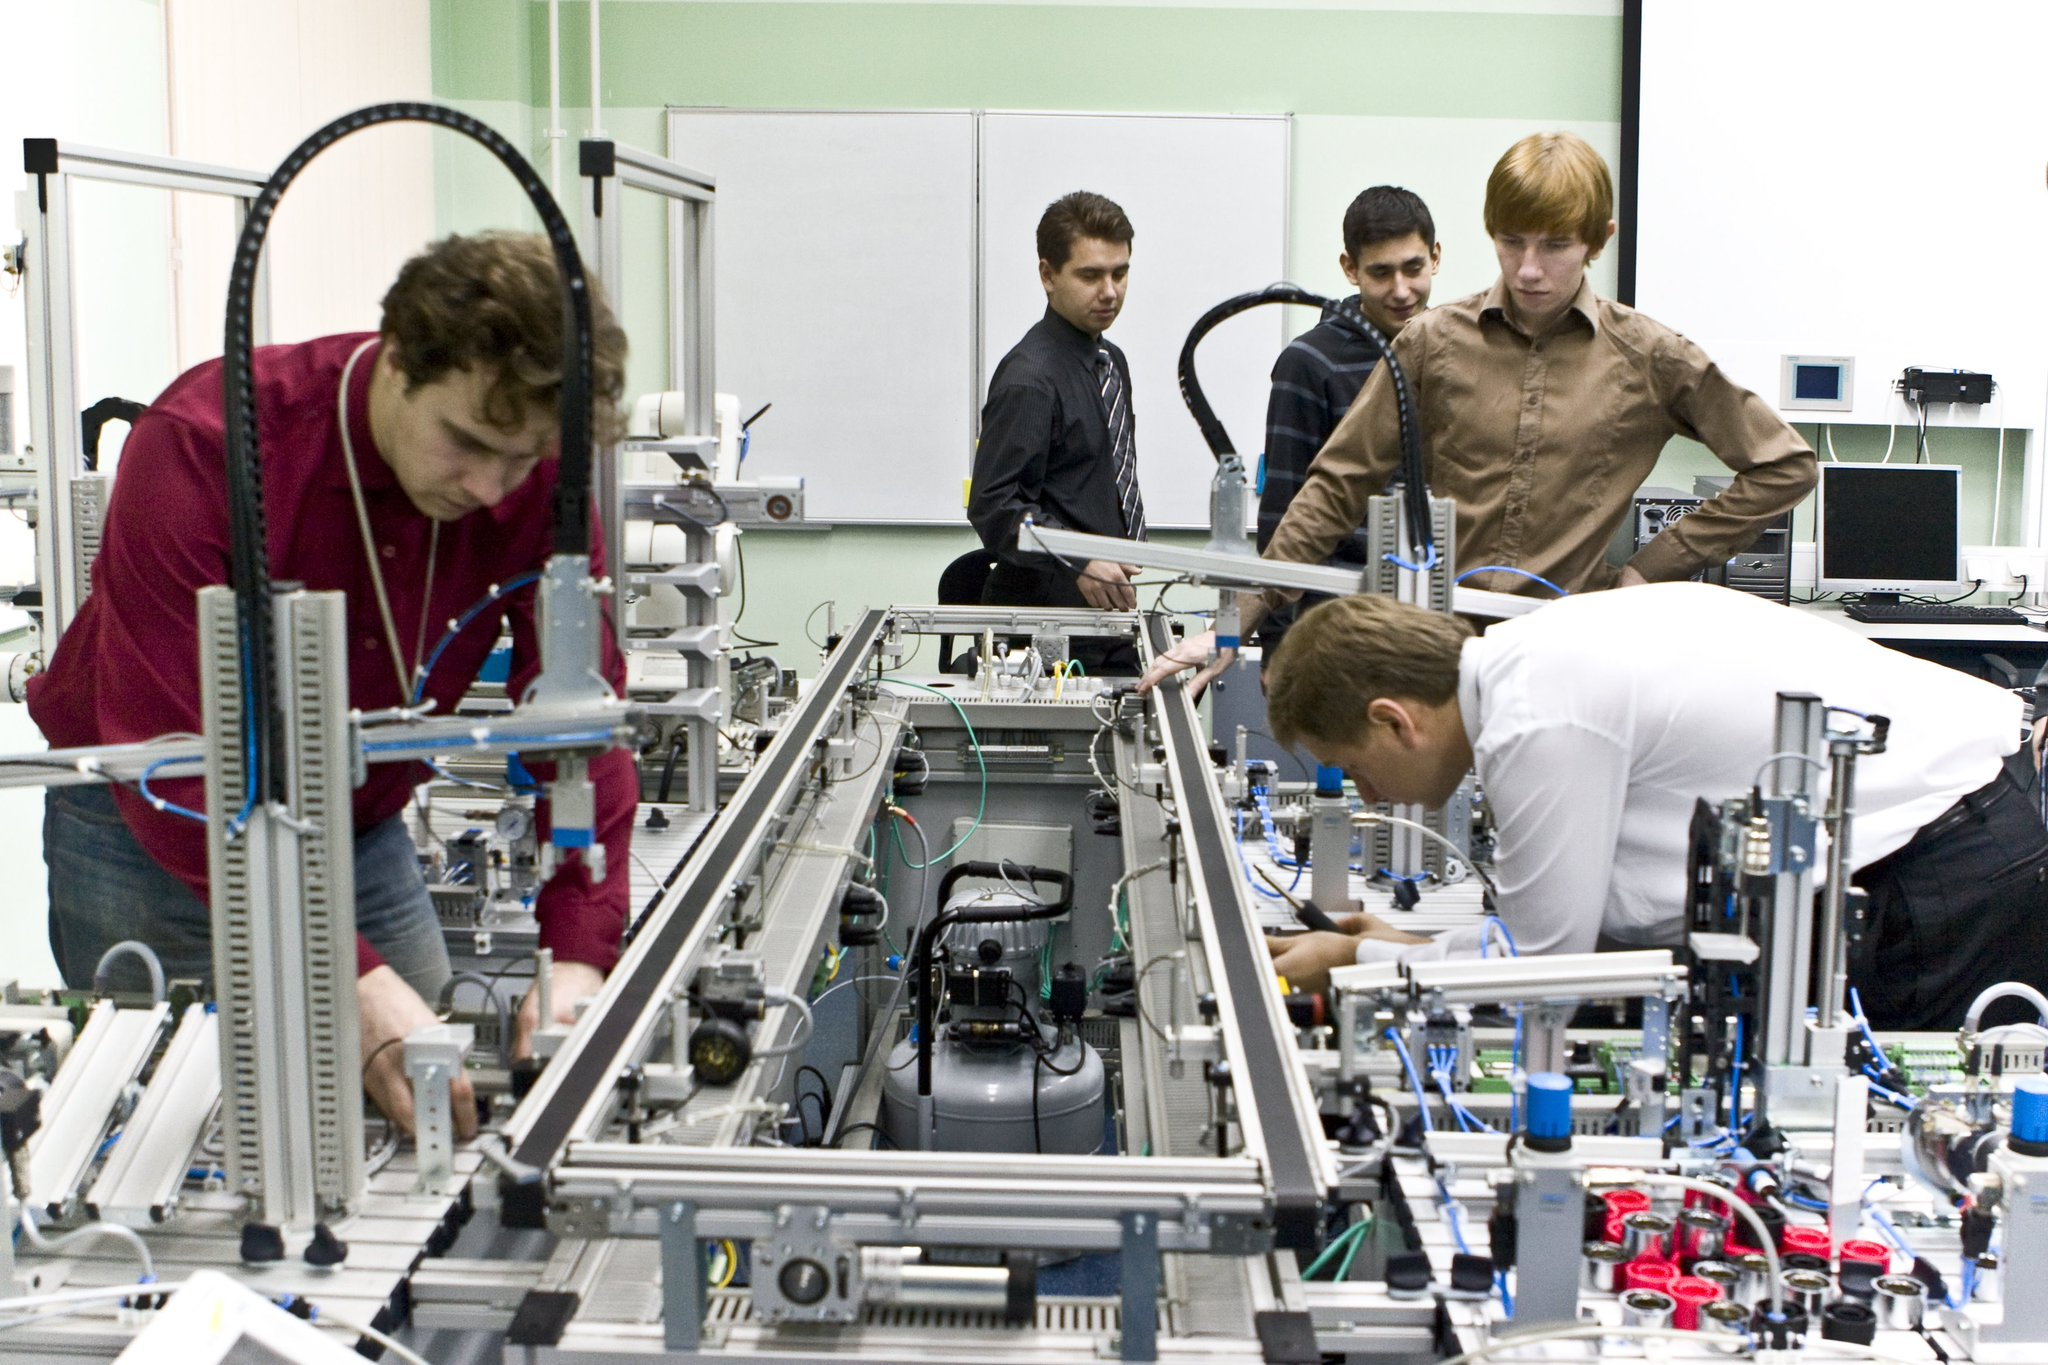 Что такое нанотехнологии и как они применяются в промышленности и медицине